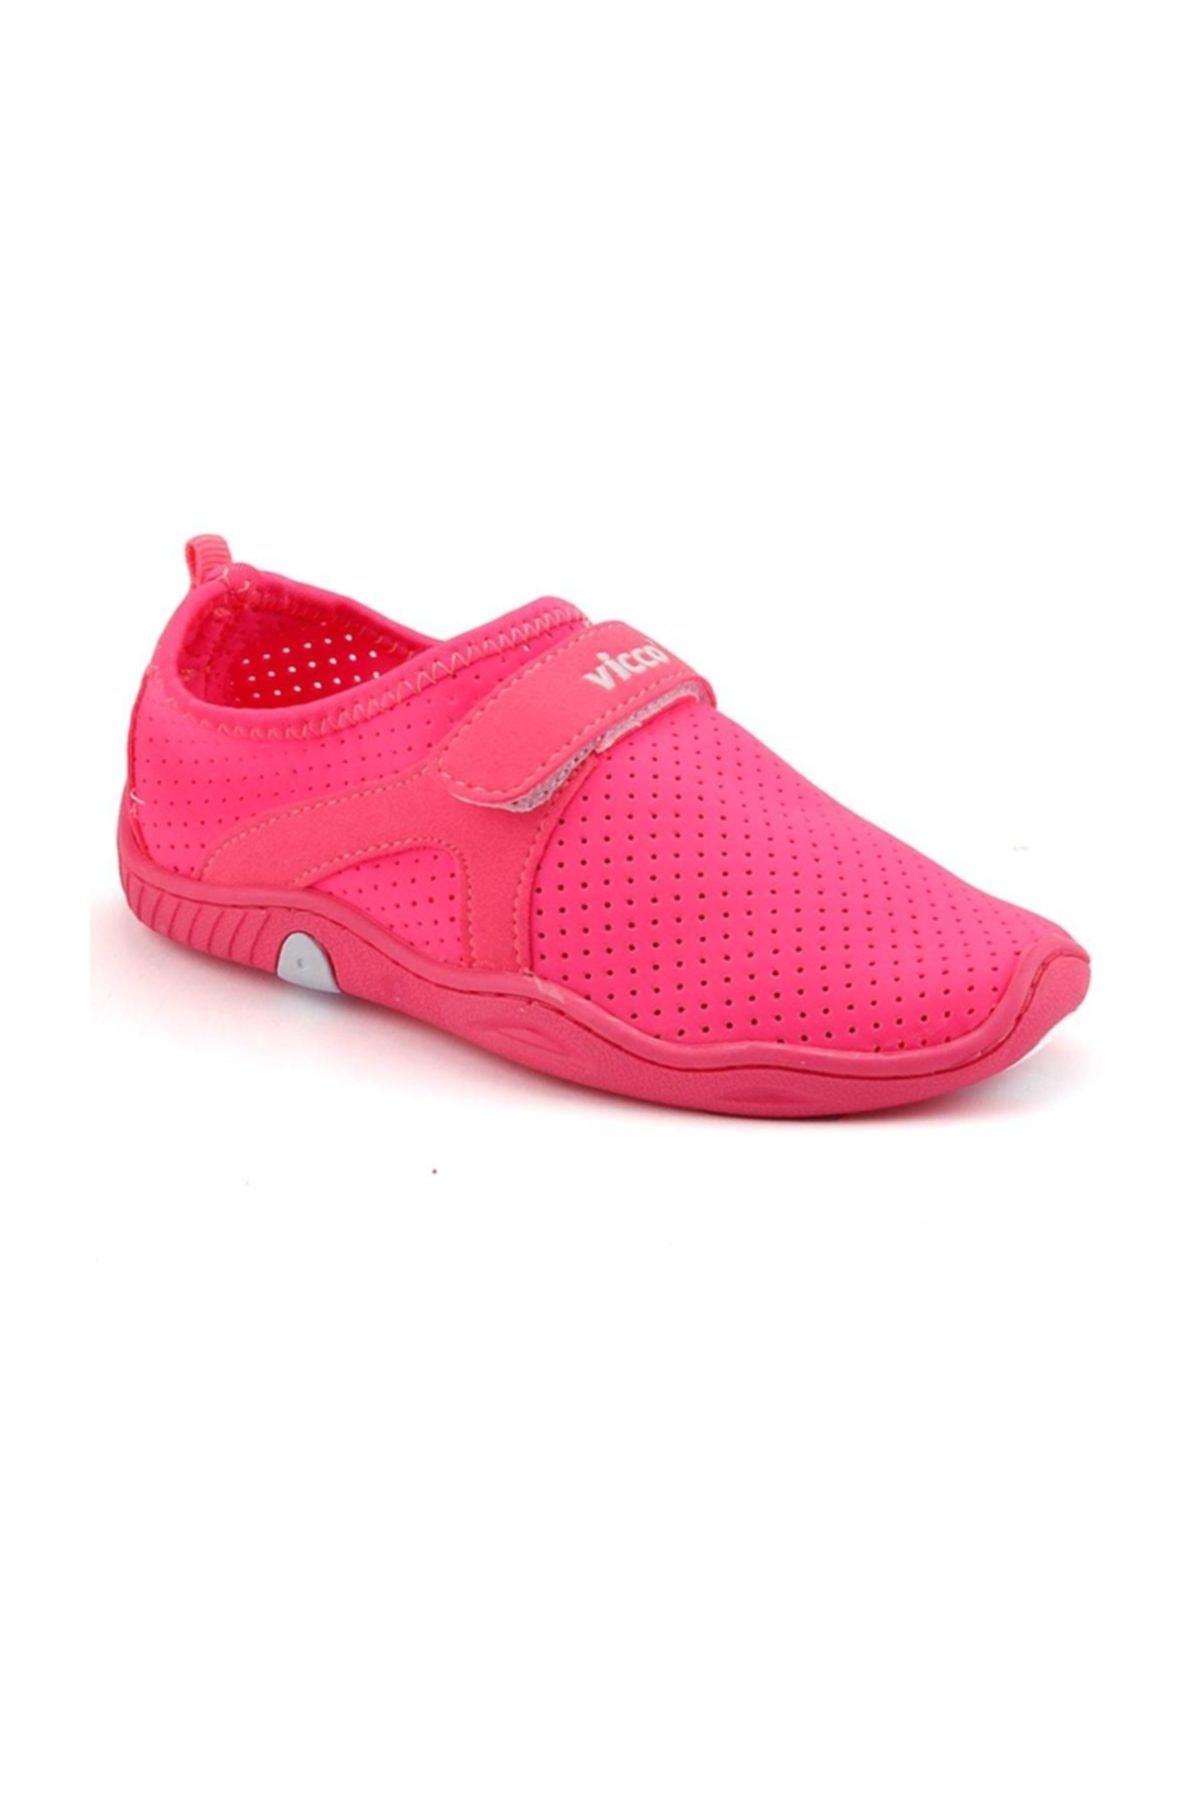 Vicco Çocuk Ayakkabı Fuşya 1